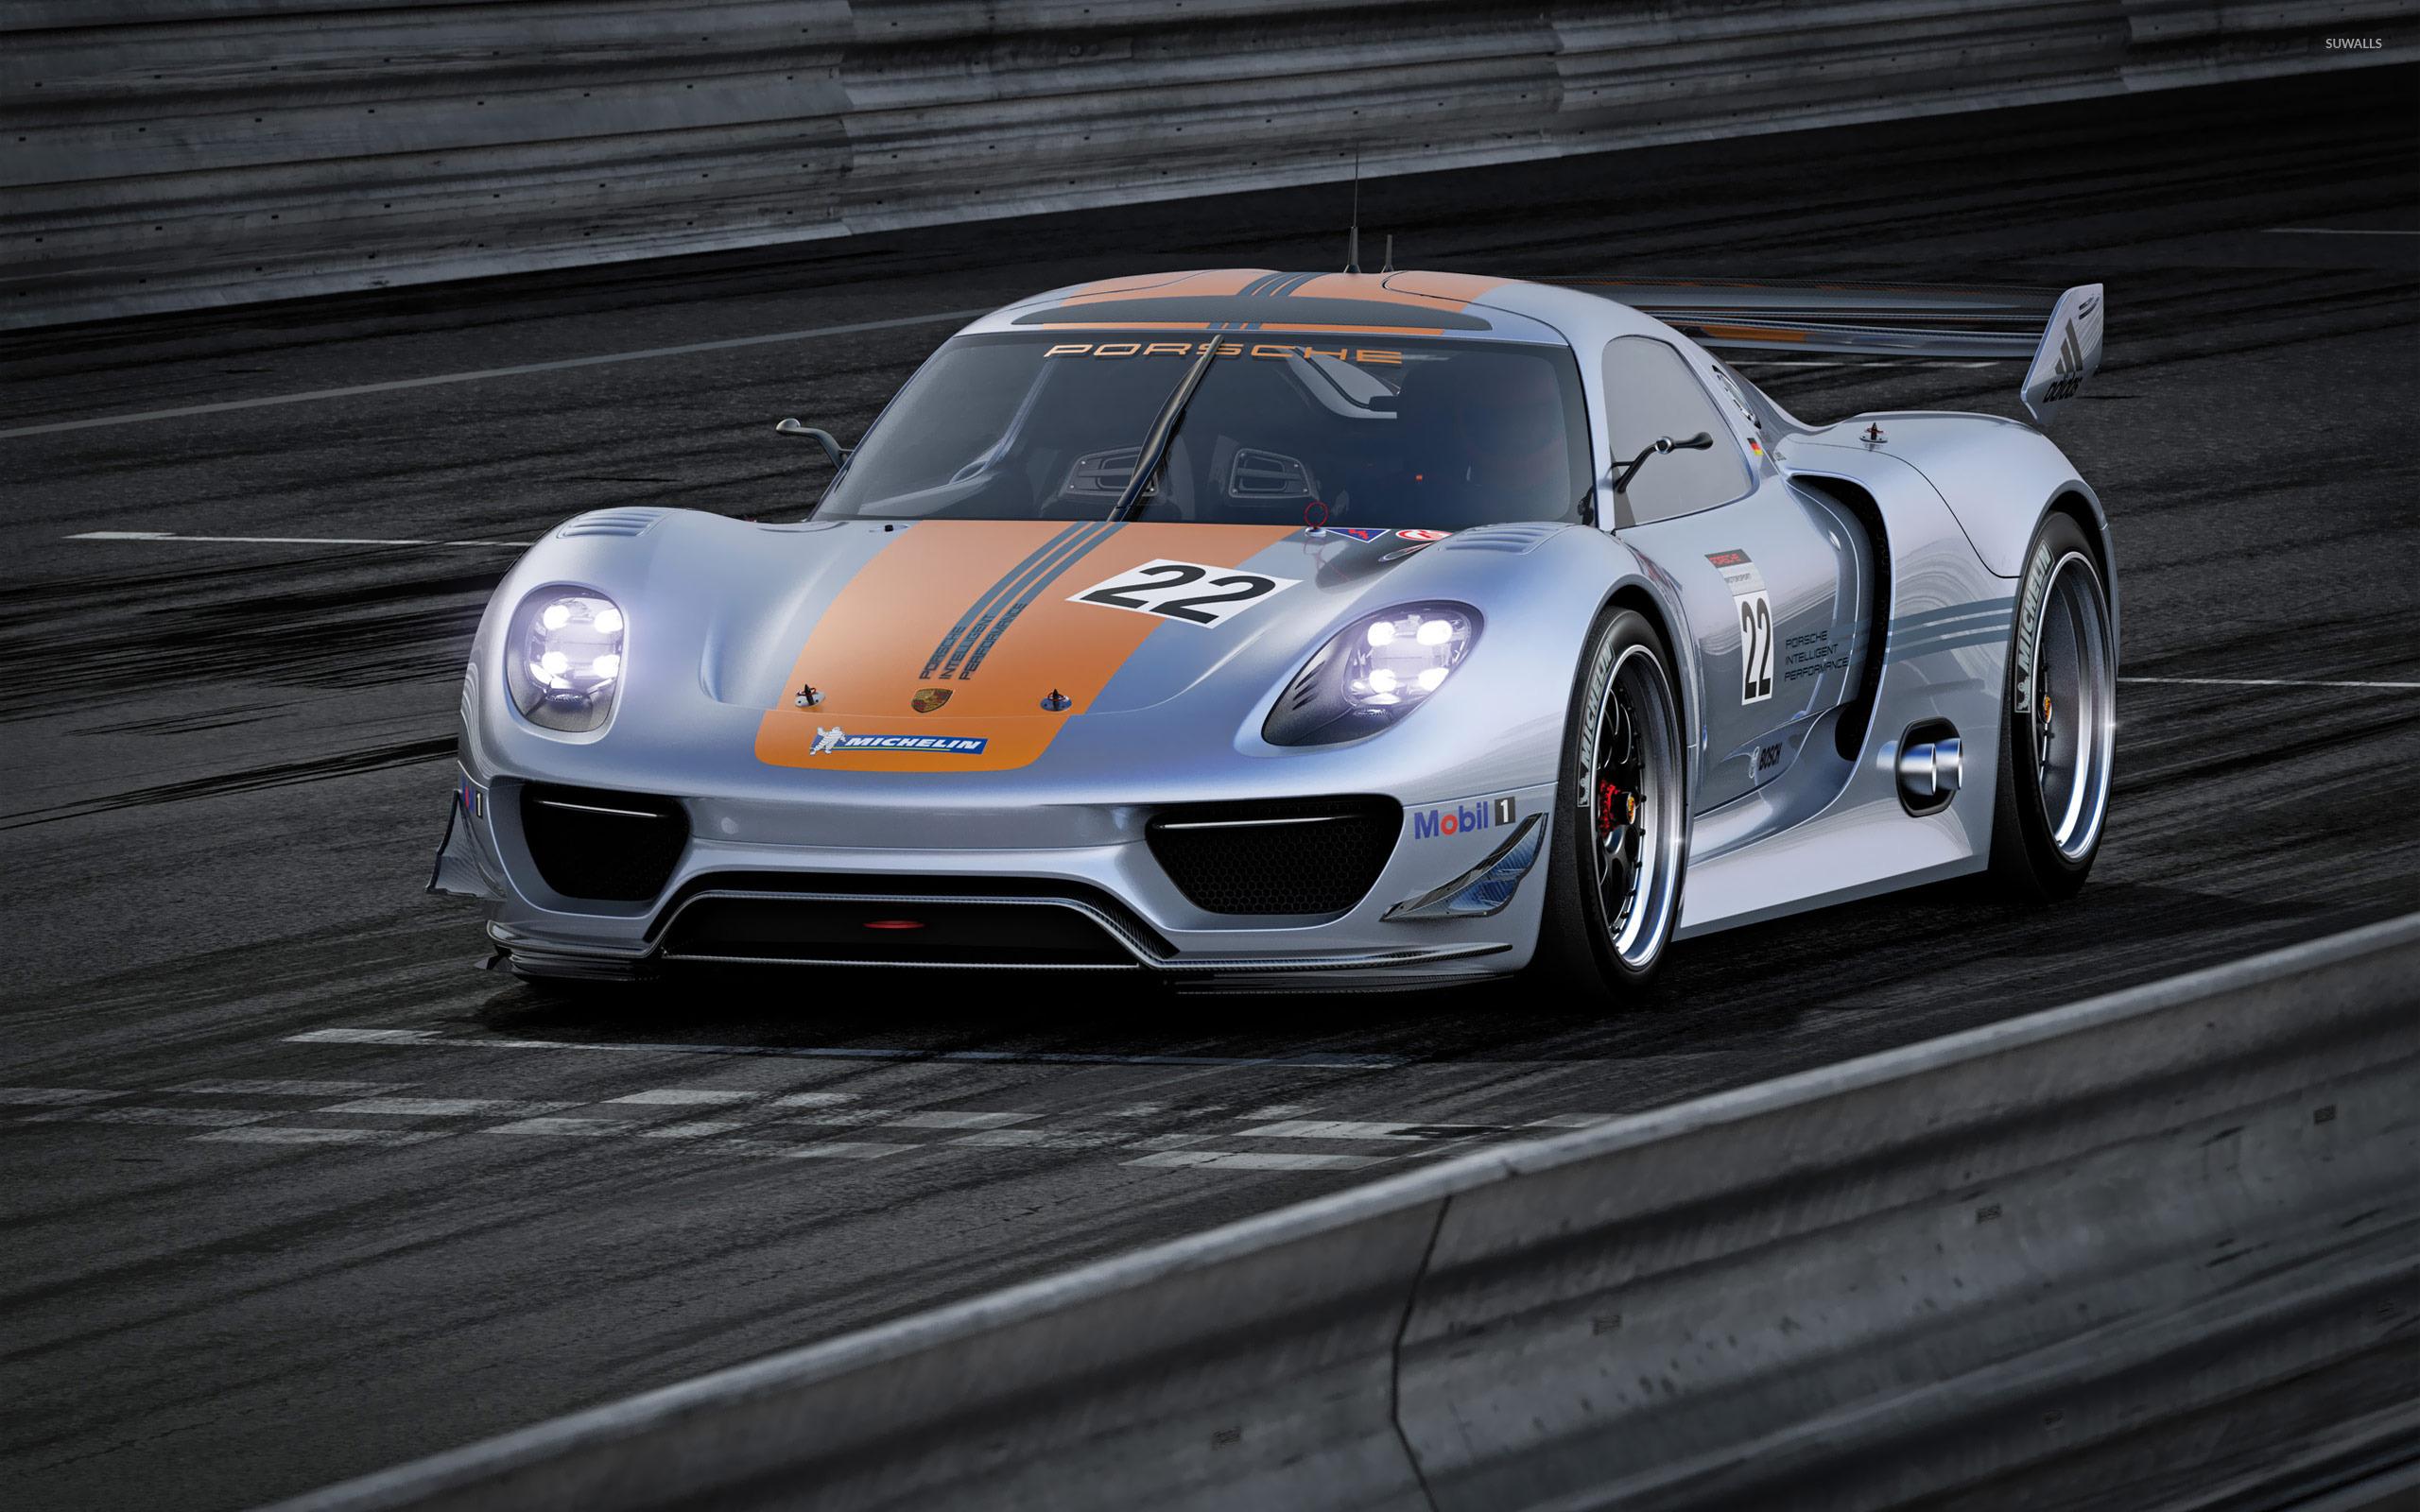 porsche 918 rsr concept 3 wallpaper 2560x1600 jpg - Porsche 918 Rsr Wallpaper